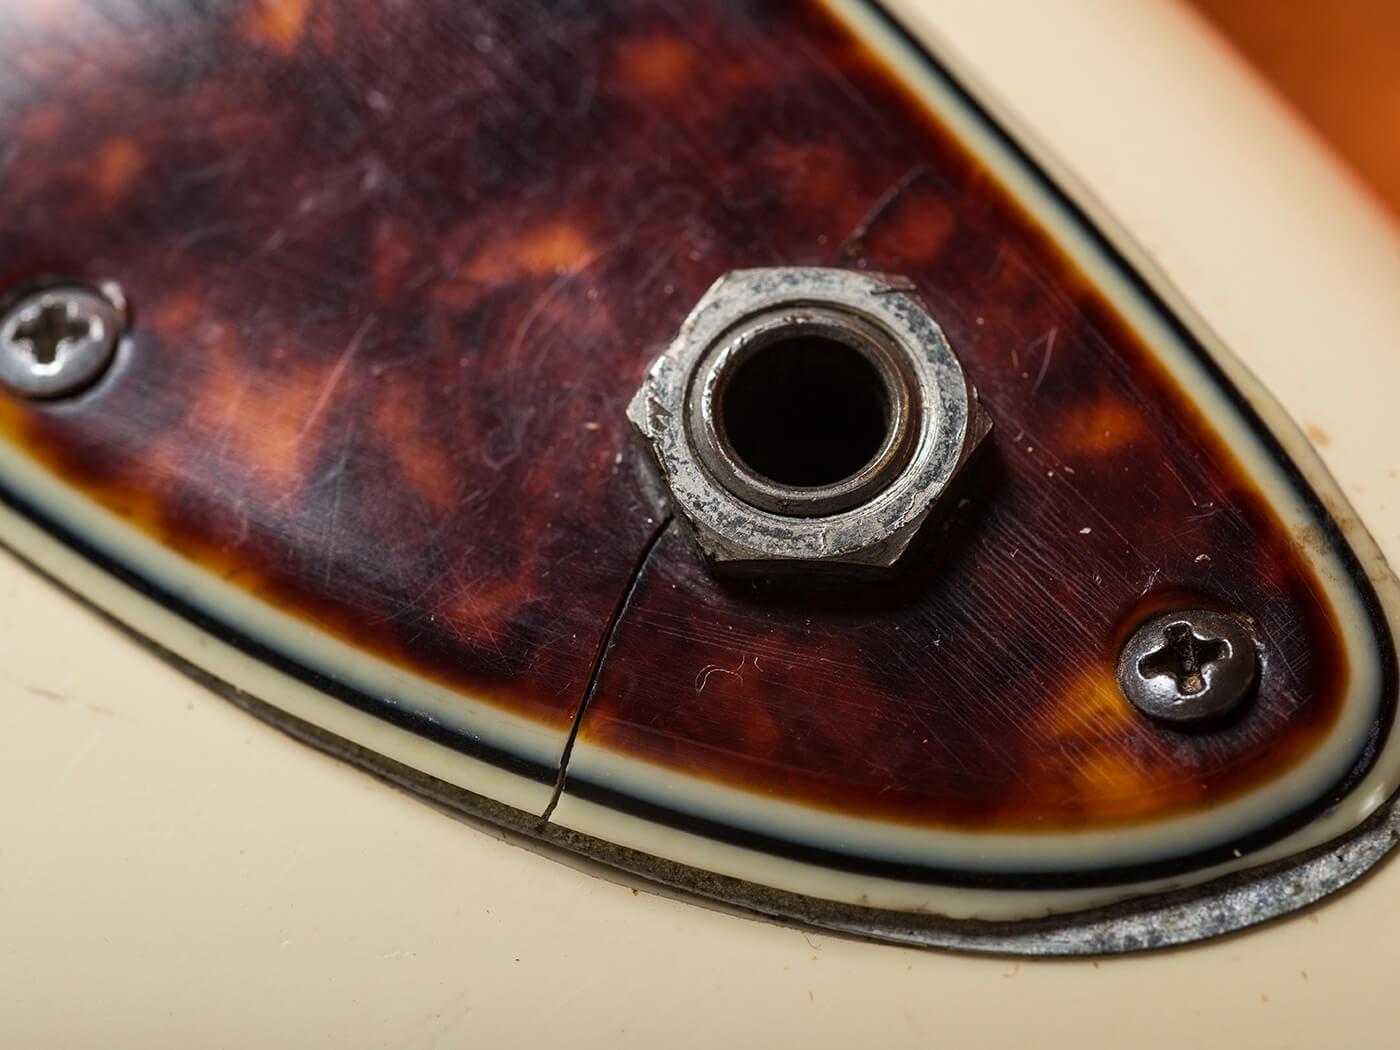 1961 Fender Jazzmaster Input Jack